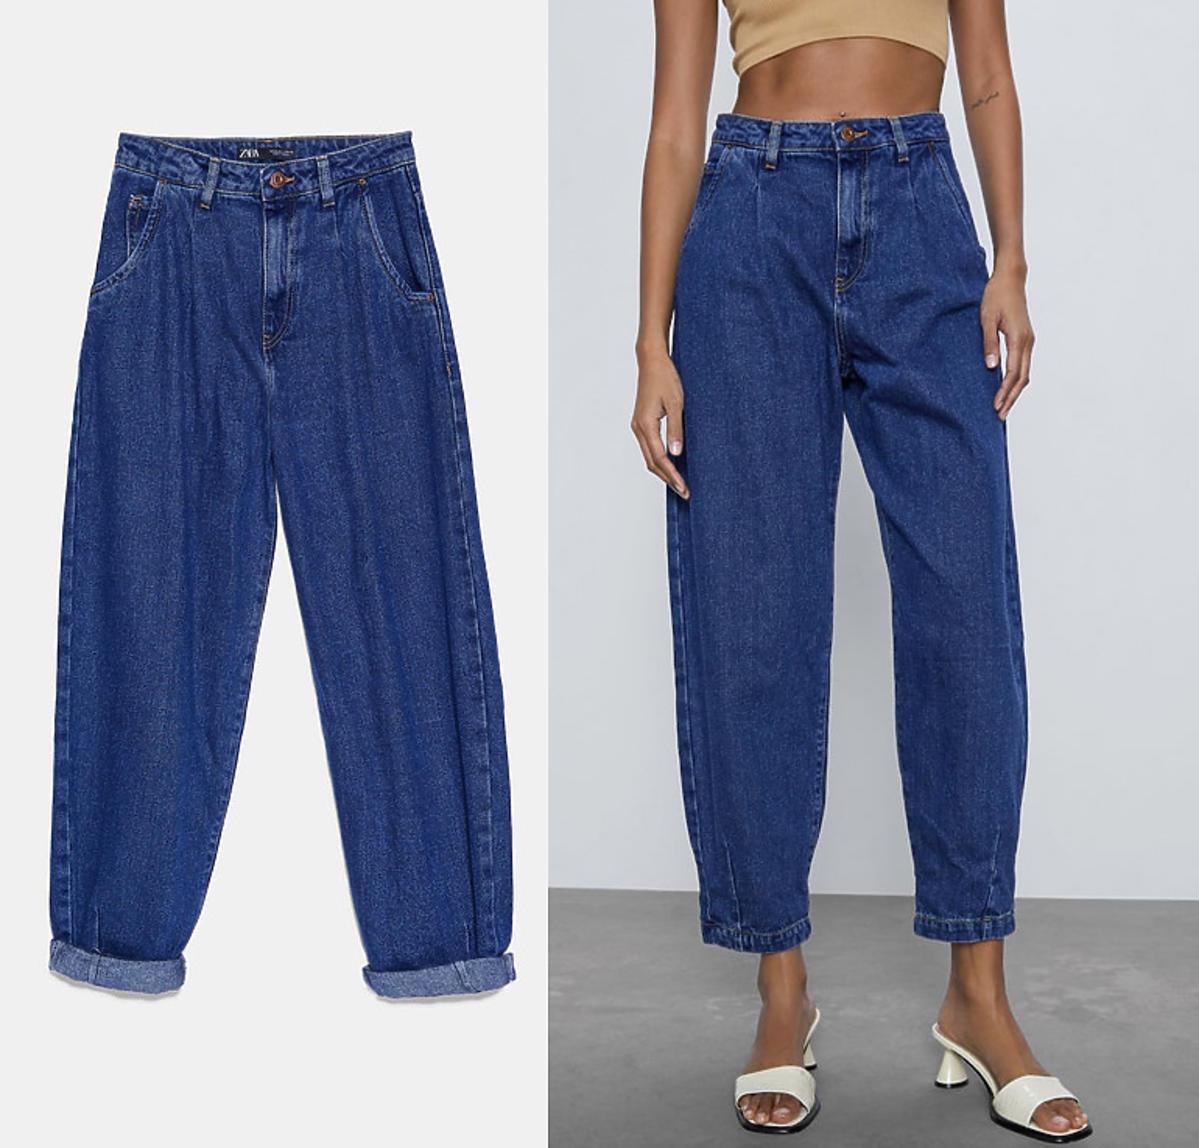 Spodnie typu slouchy o szerokim kroju